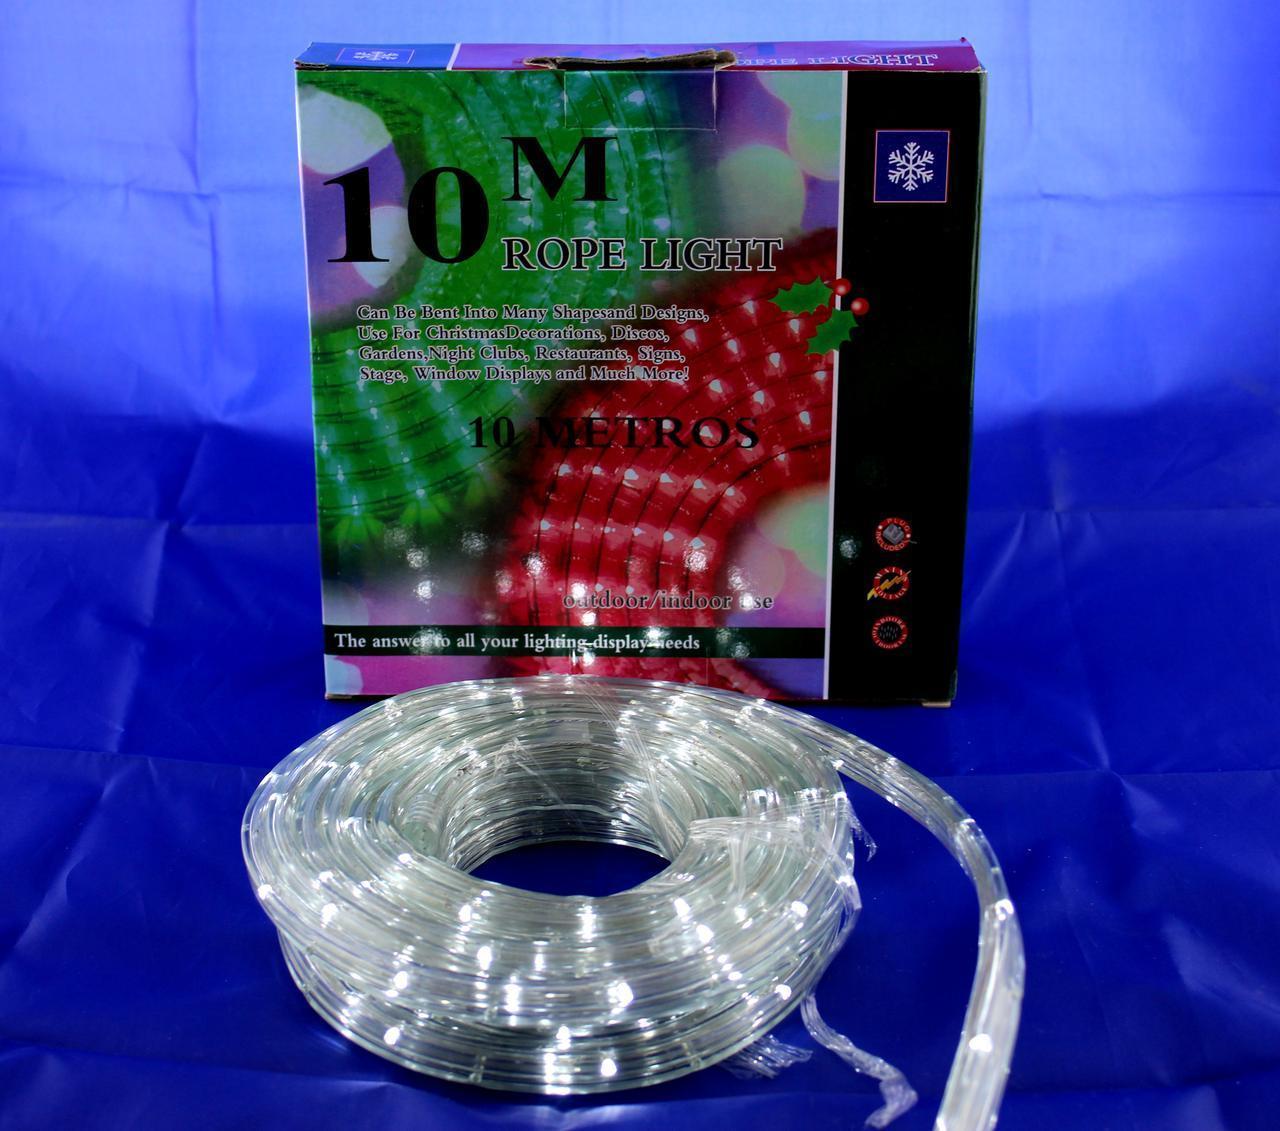 Xmas Rope light 10M W (ПРОДАЕТСЯ ТОЛЬКО ЯЩИКОМ!!!) (ОПТОВАЯ цена от 10 шт)